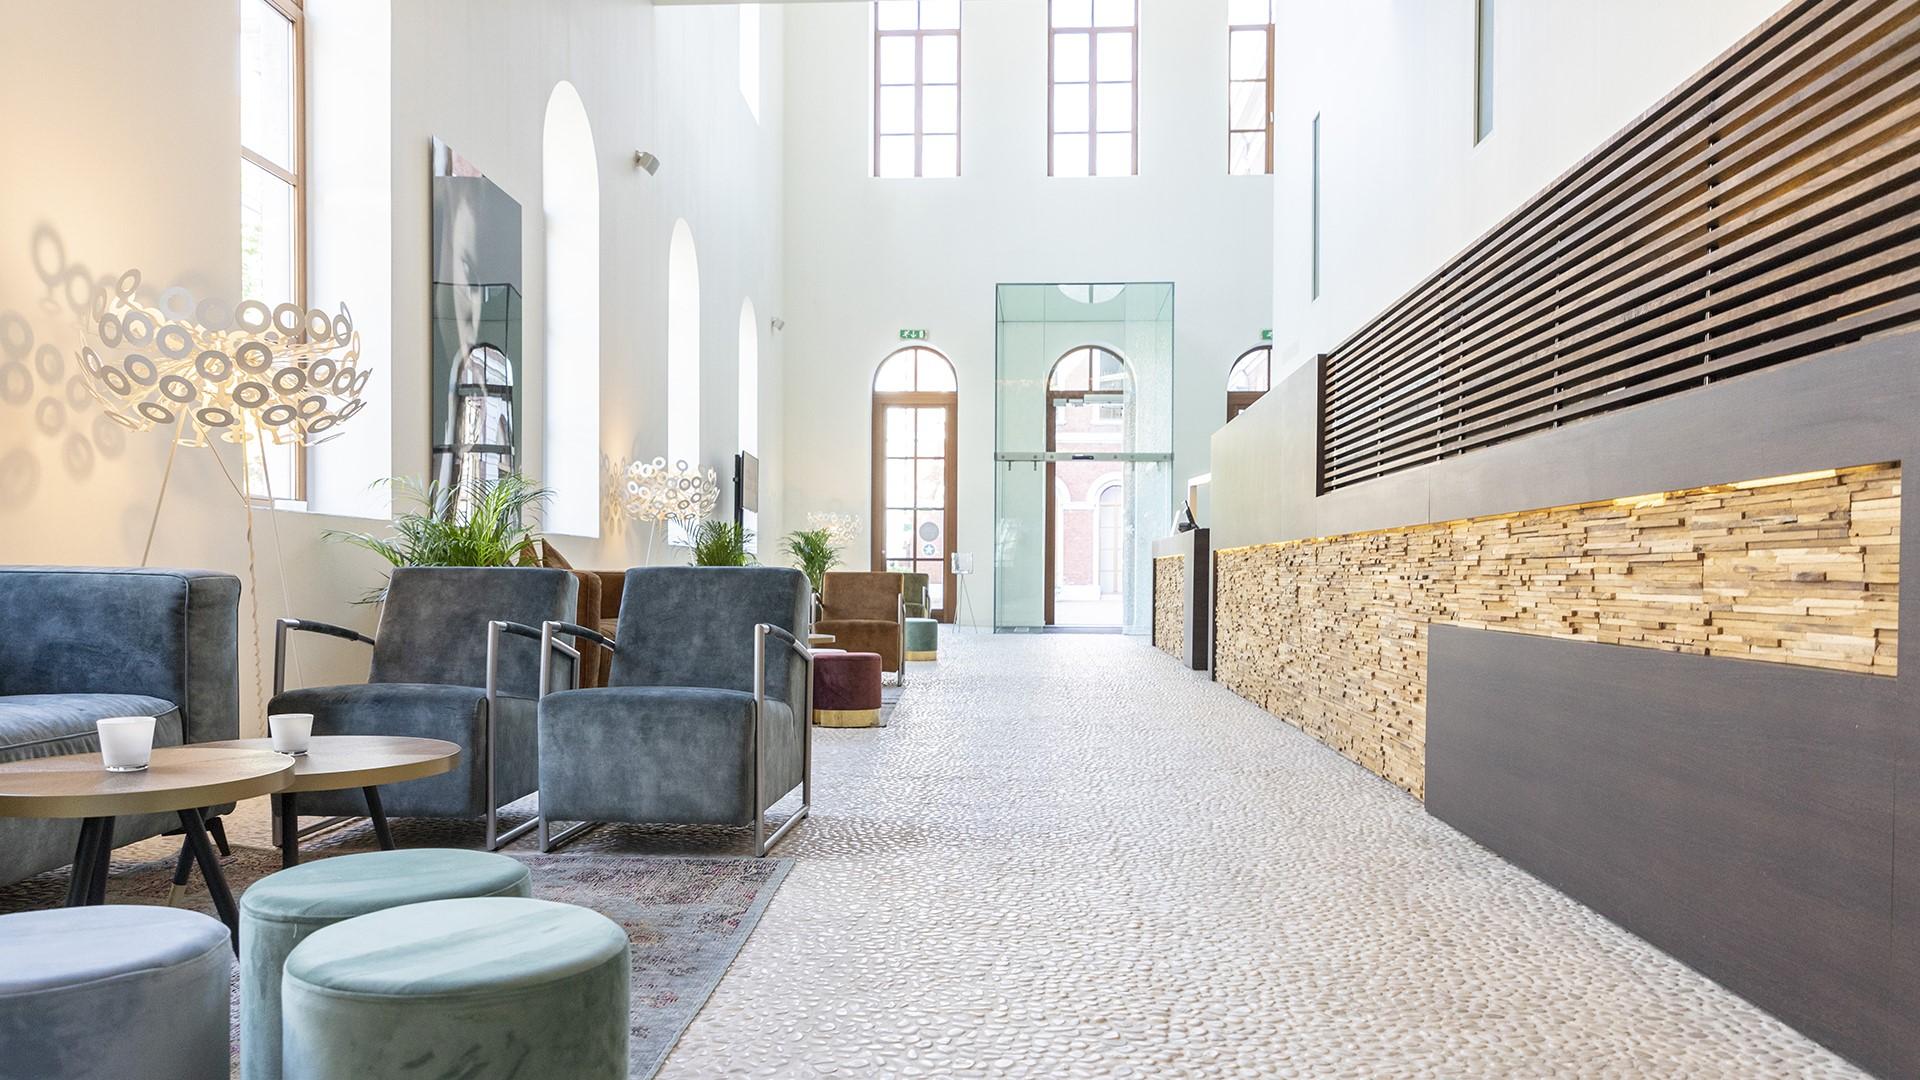 Eburon Hotel Tongeren